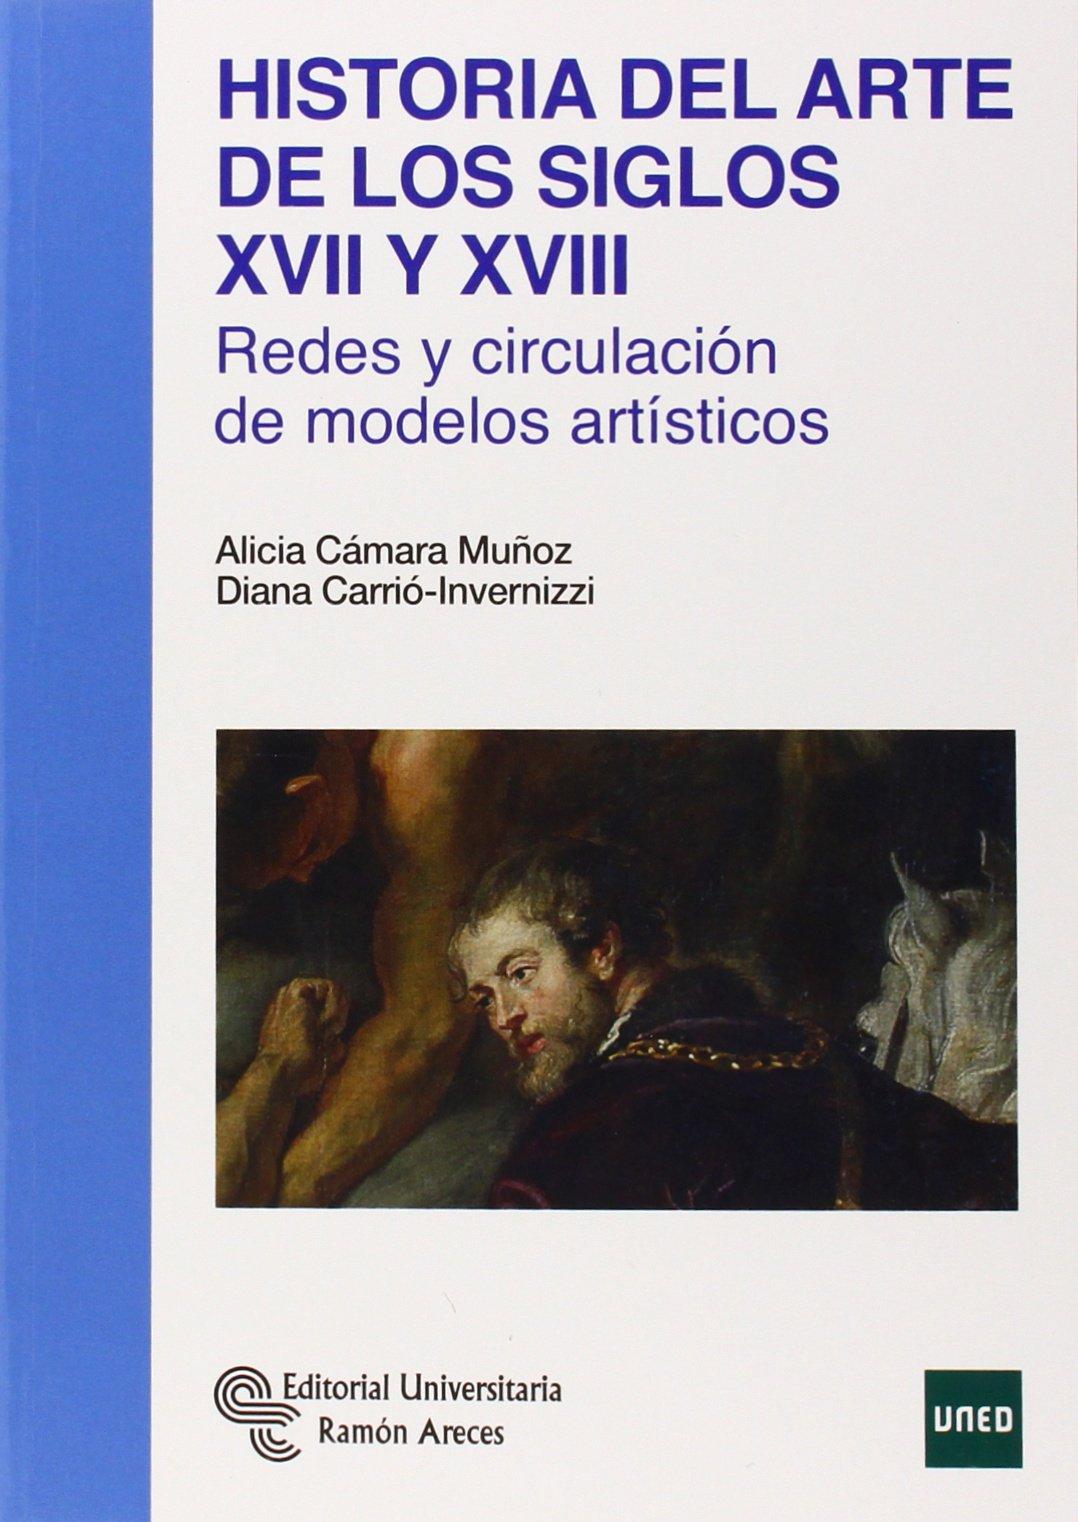 Historia del arte de los siglos XVII y XVIII: Redes y circulación de modelos artísticos Manuales: Amazon.es: Cámara Muñoz, Alicia, Carrió-Invernizzi, Diana: Libros